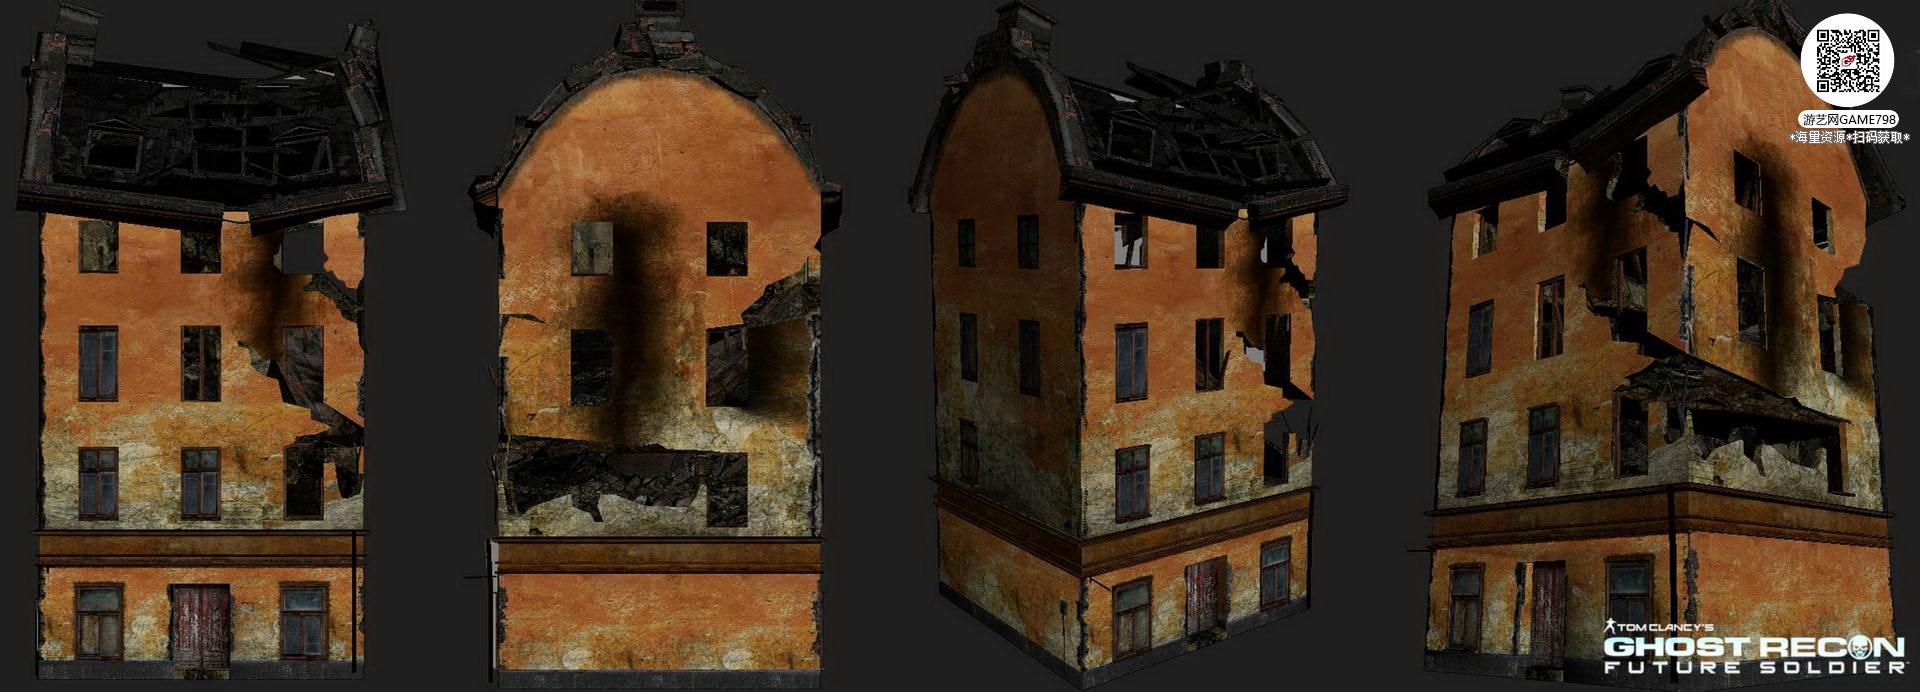 042_关注游艺网公众号获海量资源_幽灵行动未来战士次世代游戏3D模型参考原画概念设定.jpg